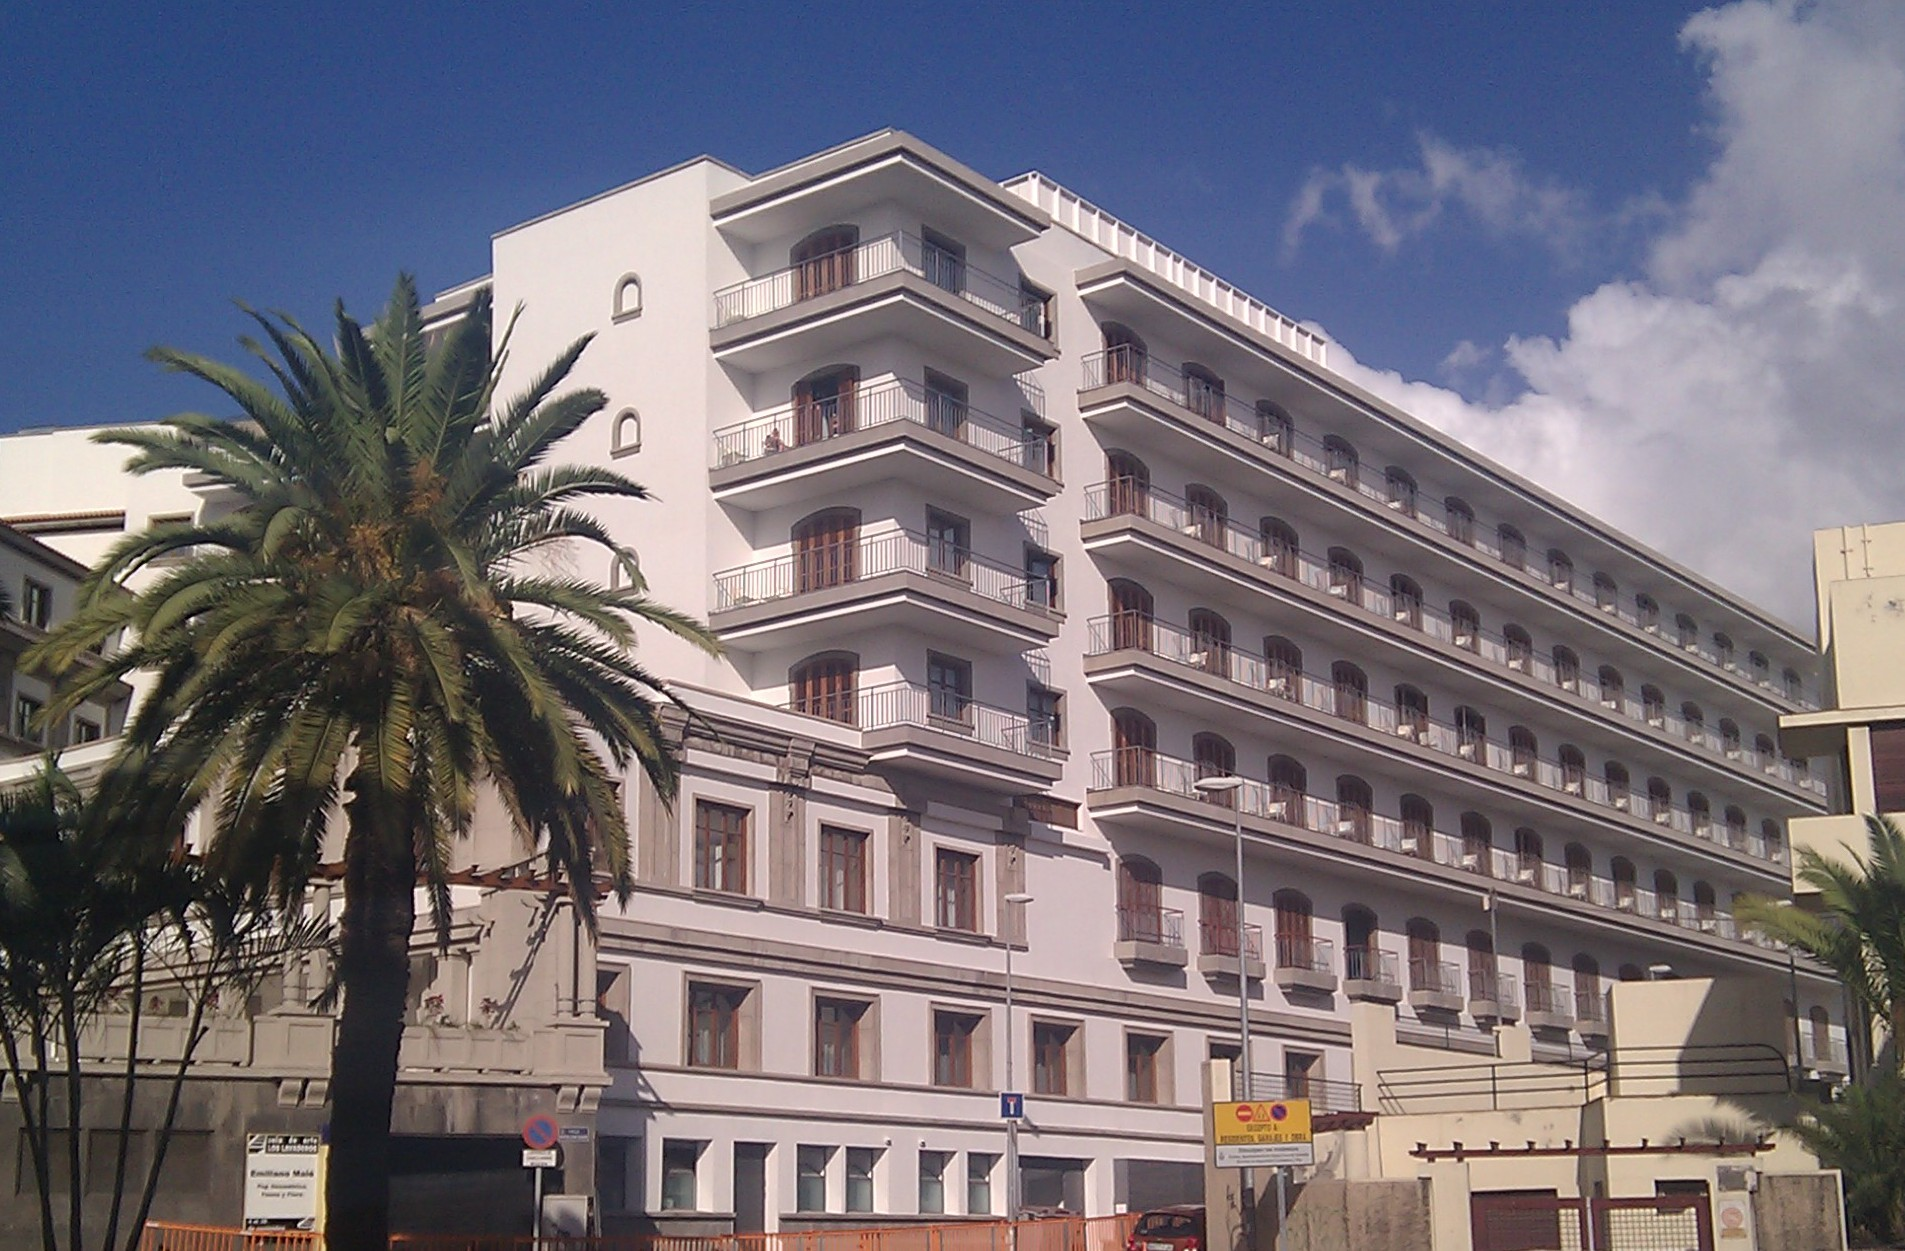 Hotel Mencey en Santa Cruz de Tenerife.